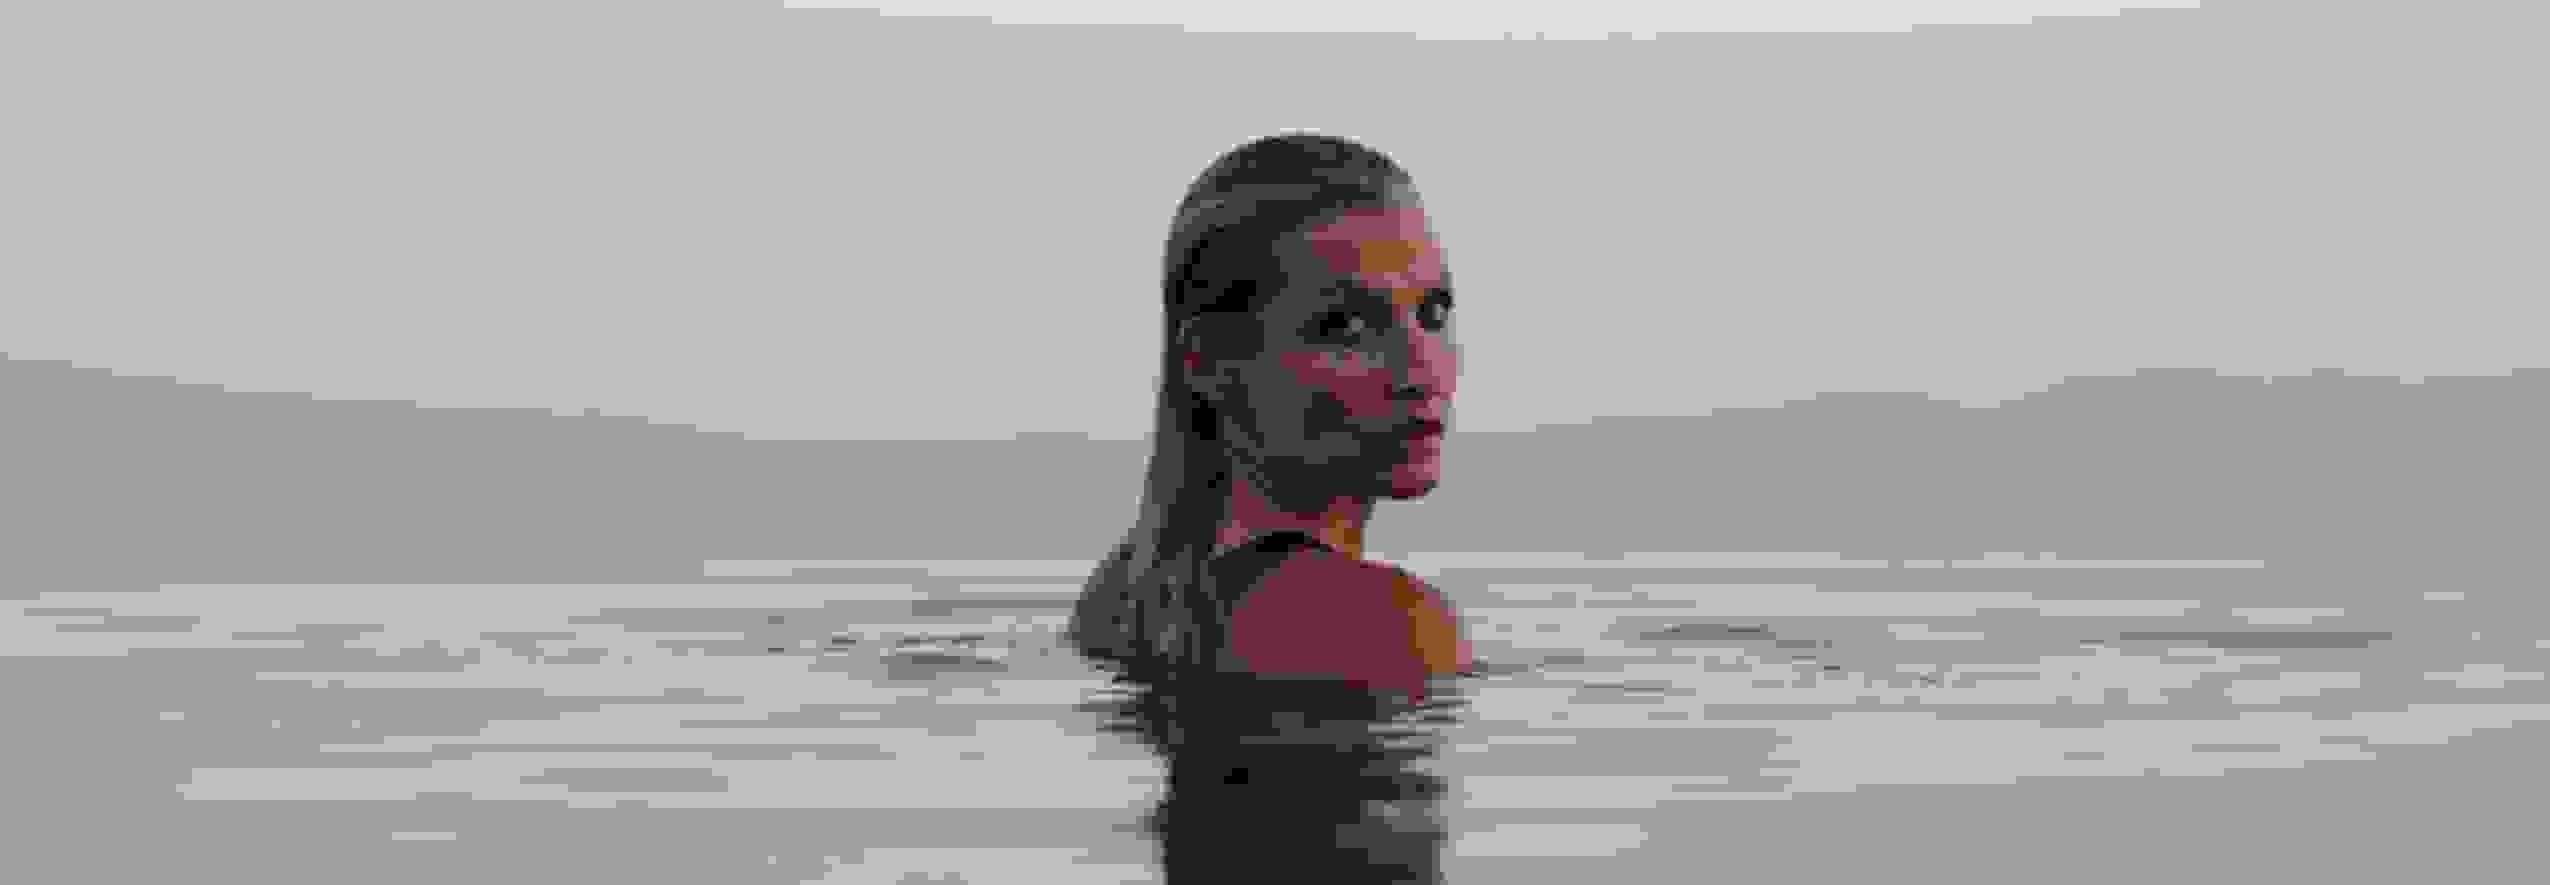 Woman in lake